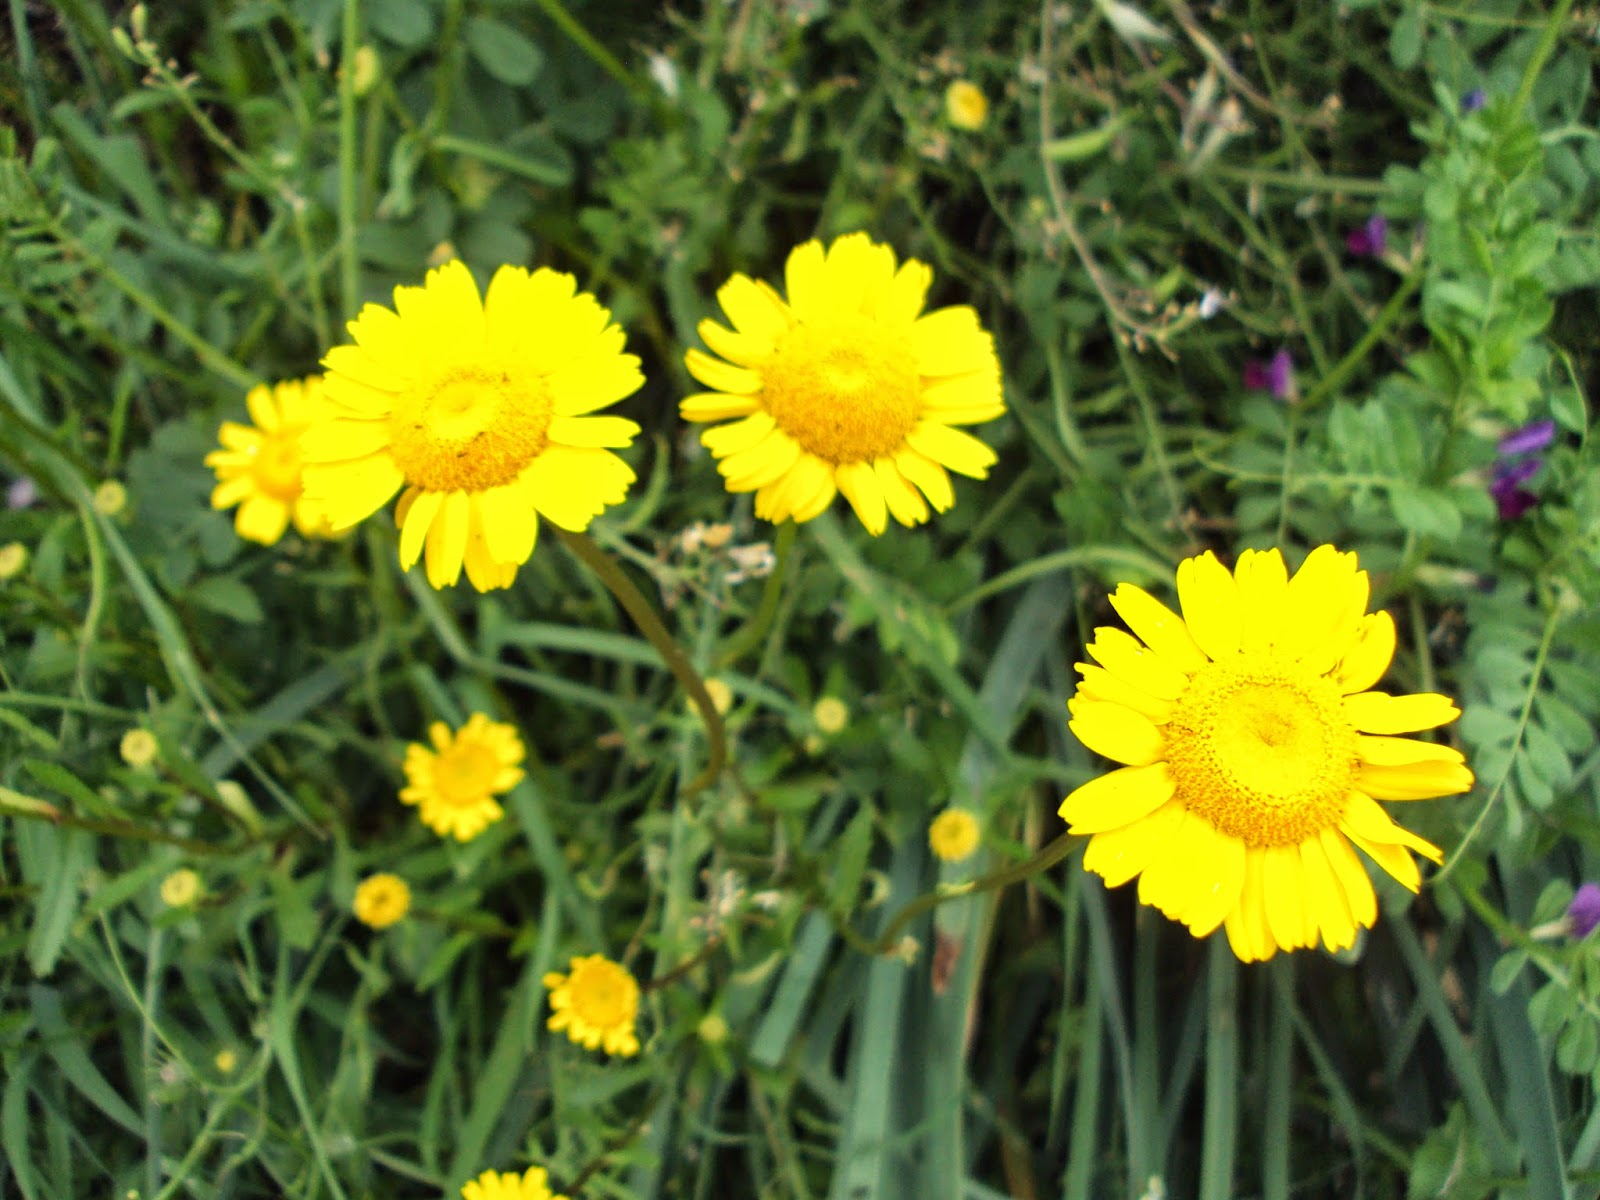 Margaritas De Colores En La Hierba 30995: Entre Jaras Y Encinas: Planta De Flor De Color AMARILLO